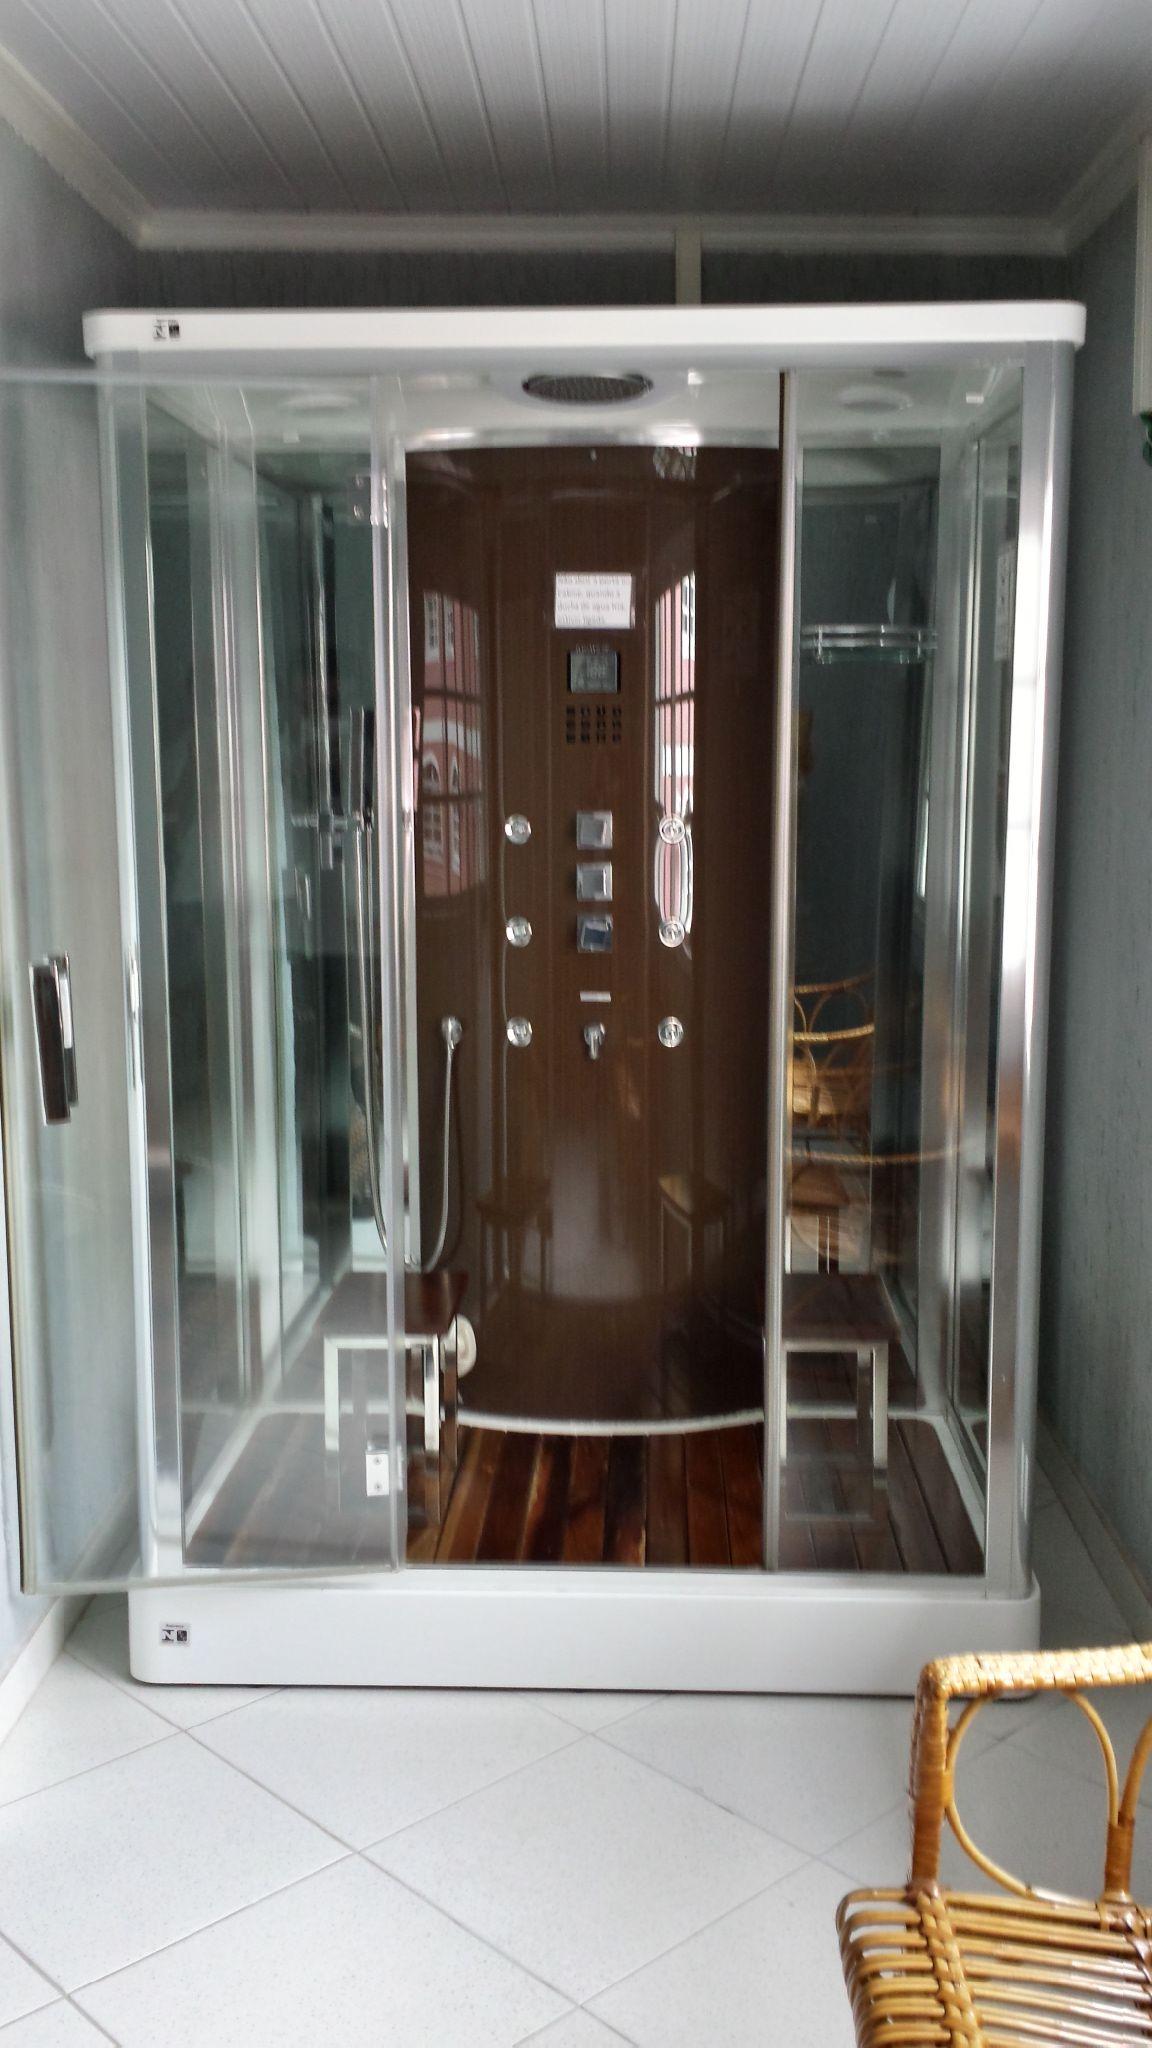 Cabine de Banho Multifuncional OSLO da Unique SPA (www.uniquespa.com.br)